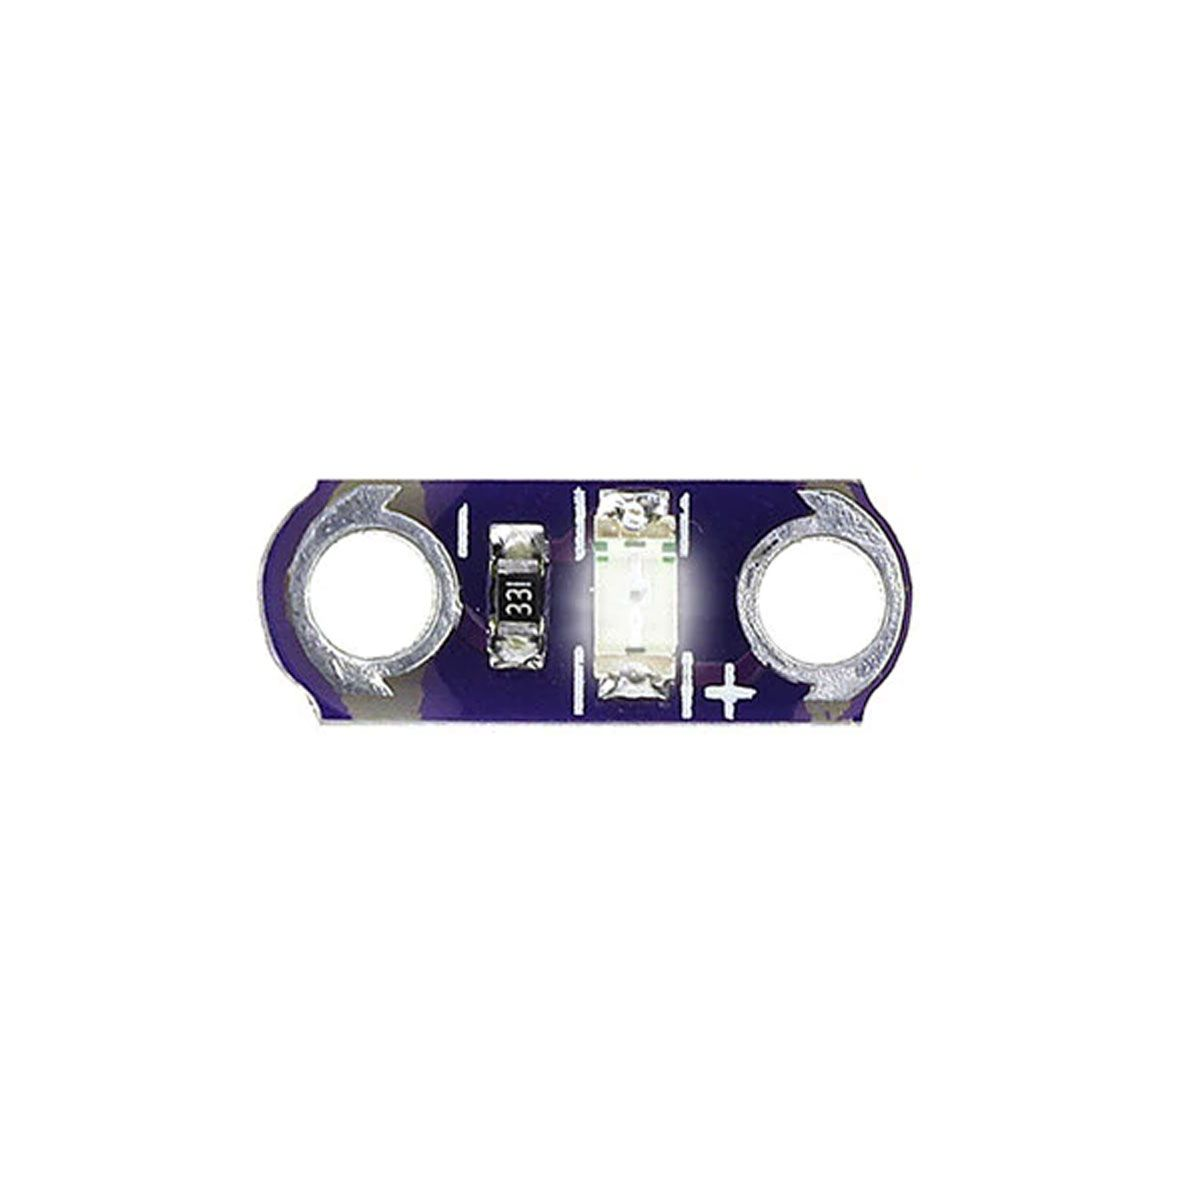 5x Led para Lilypad Wearable 3-5V - Módulo Led para Lilypad